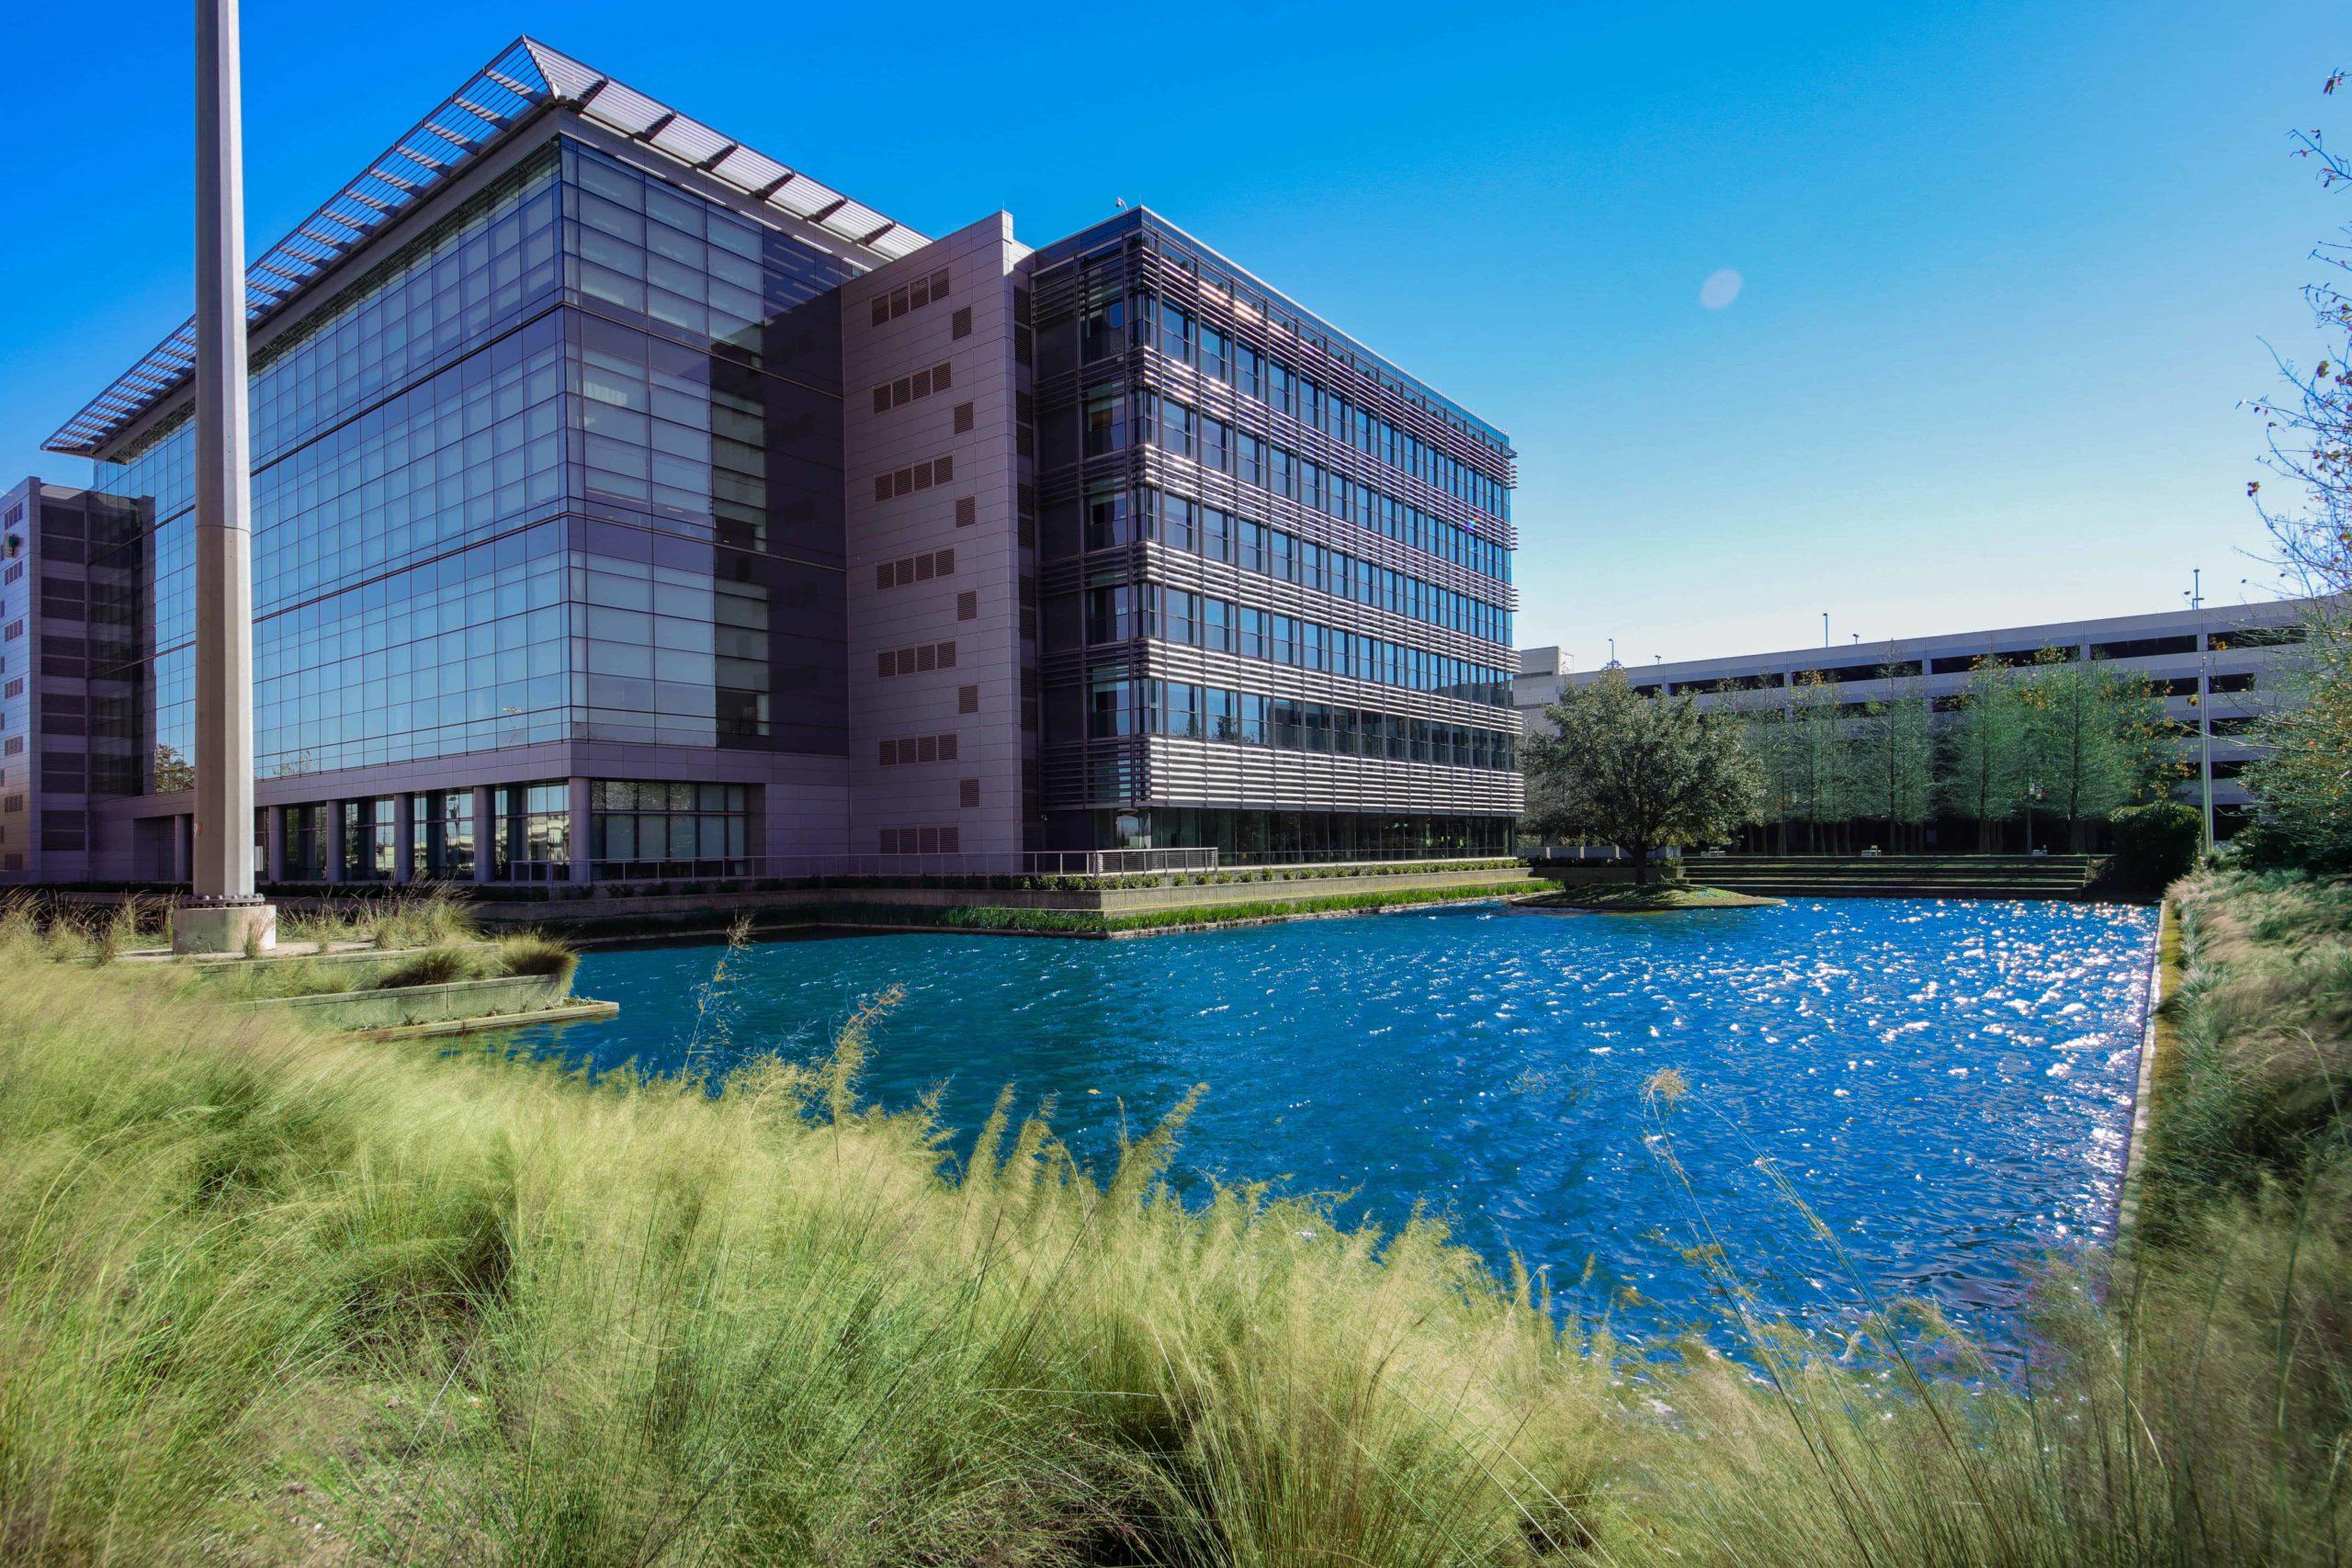 BP Helios Plaza Building